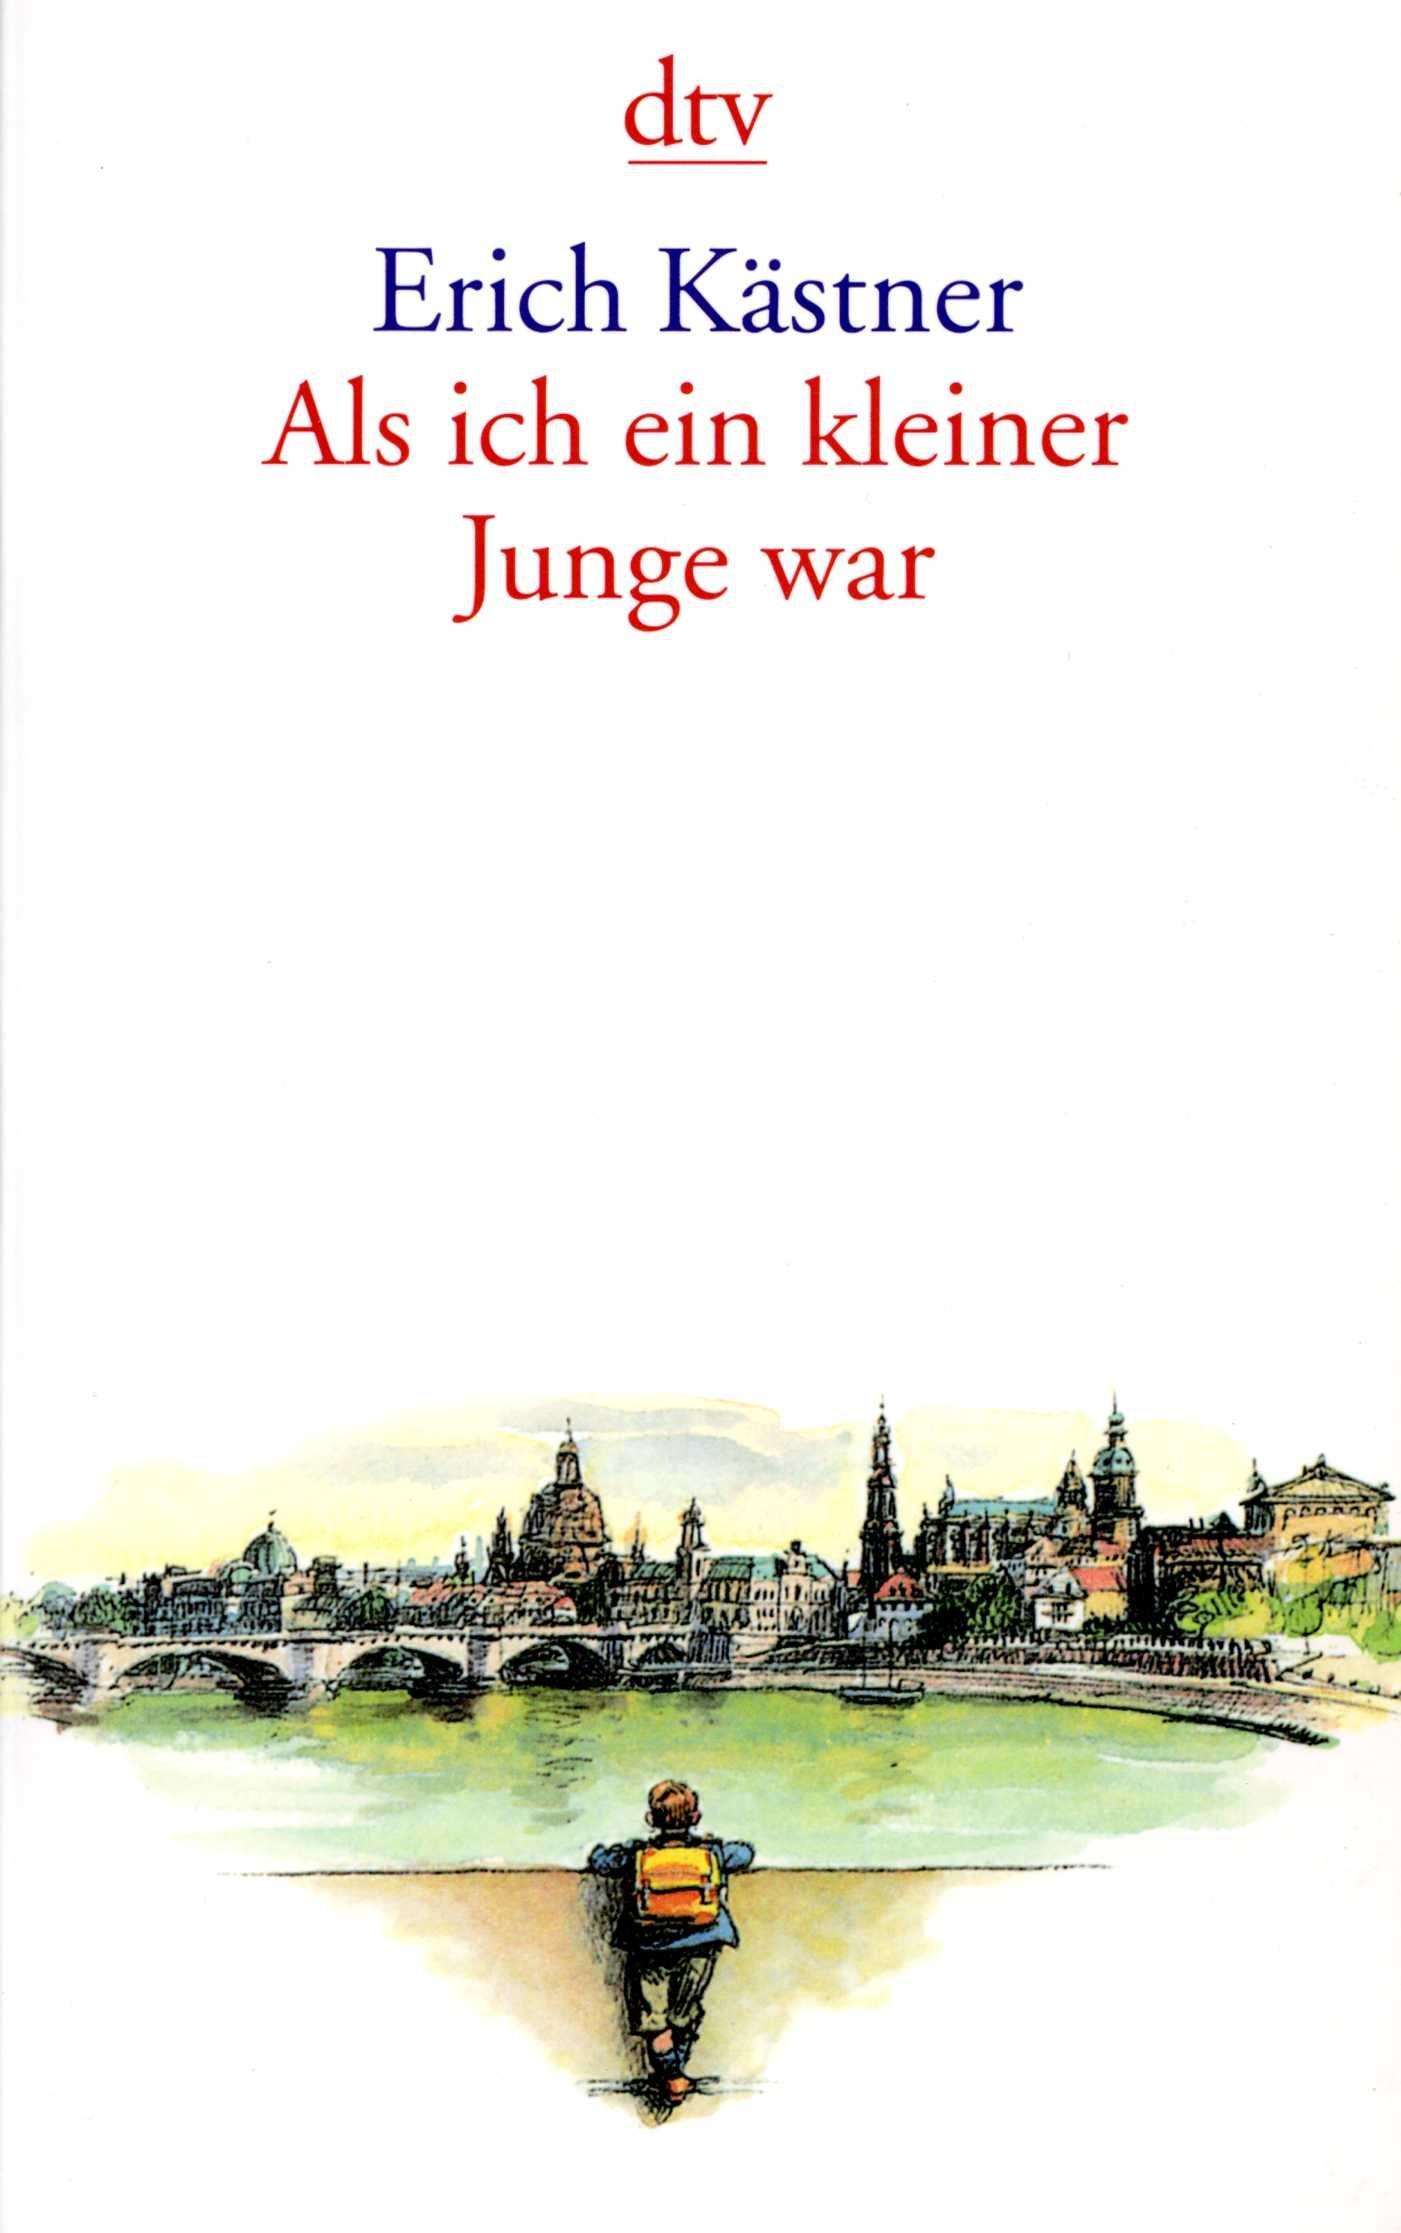 Deze autobiografie beslaat de periode voor de Eerste Wereldoorlog. Kästner, °1899, beschrijft zijn lagere schooljaren, zijn familie en vooral zijn moeder. Tevens een beeld van Dresden.